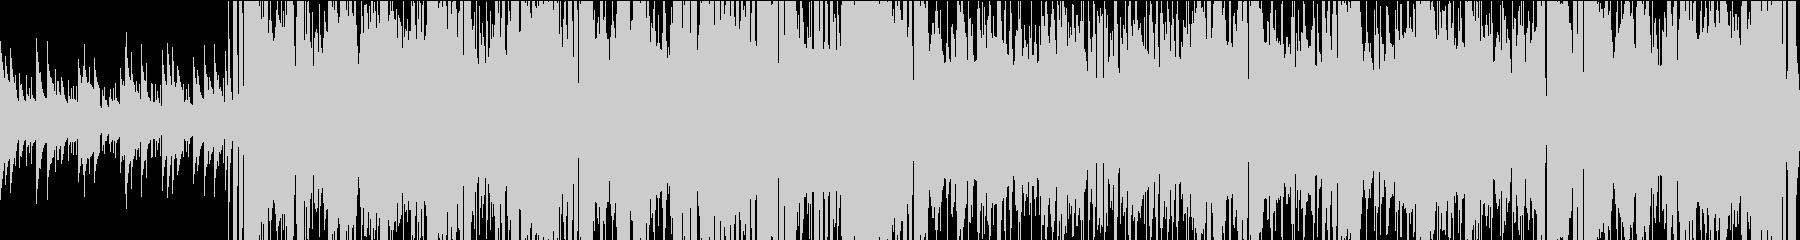 【ループ】管楽器主体の楽しげなジャズの未再生の波形